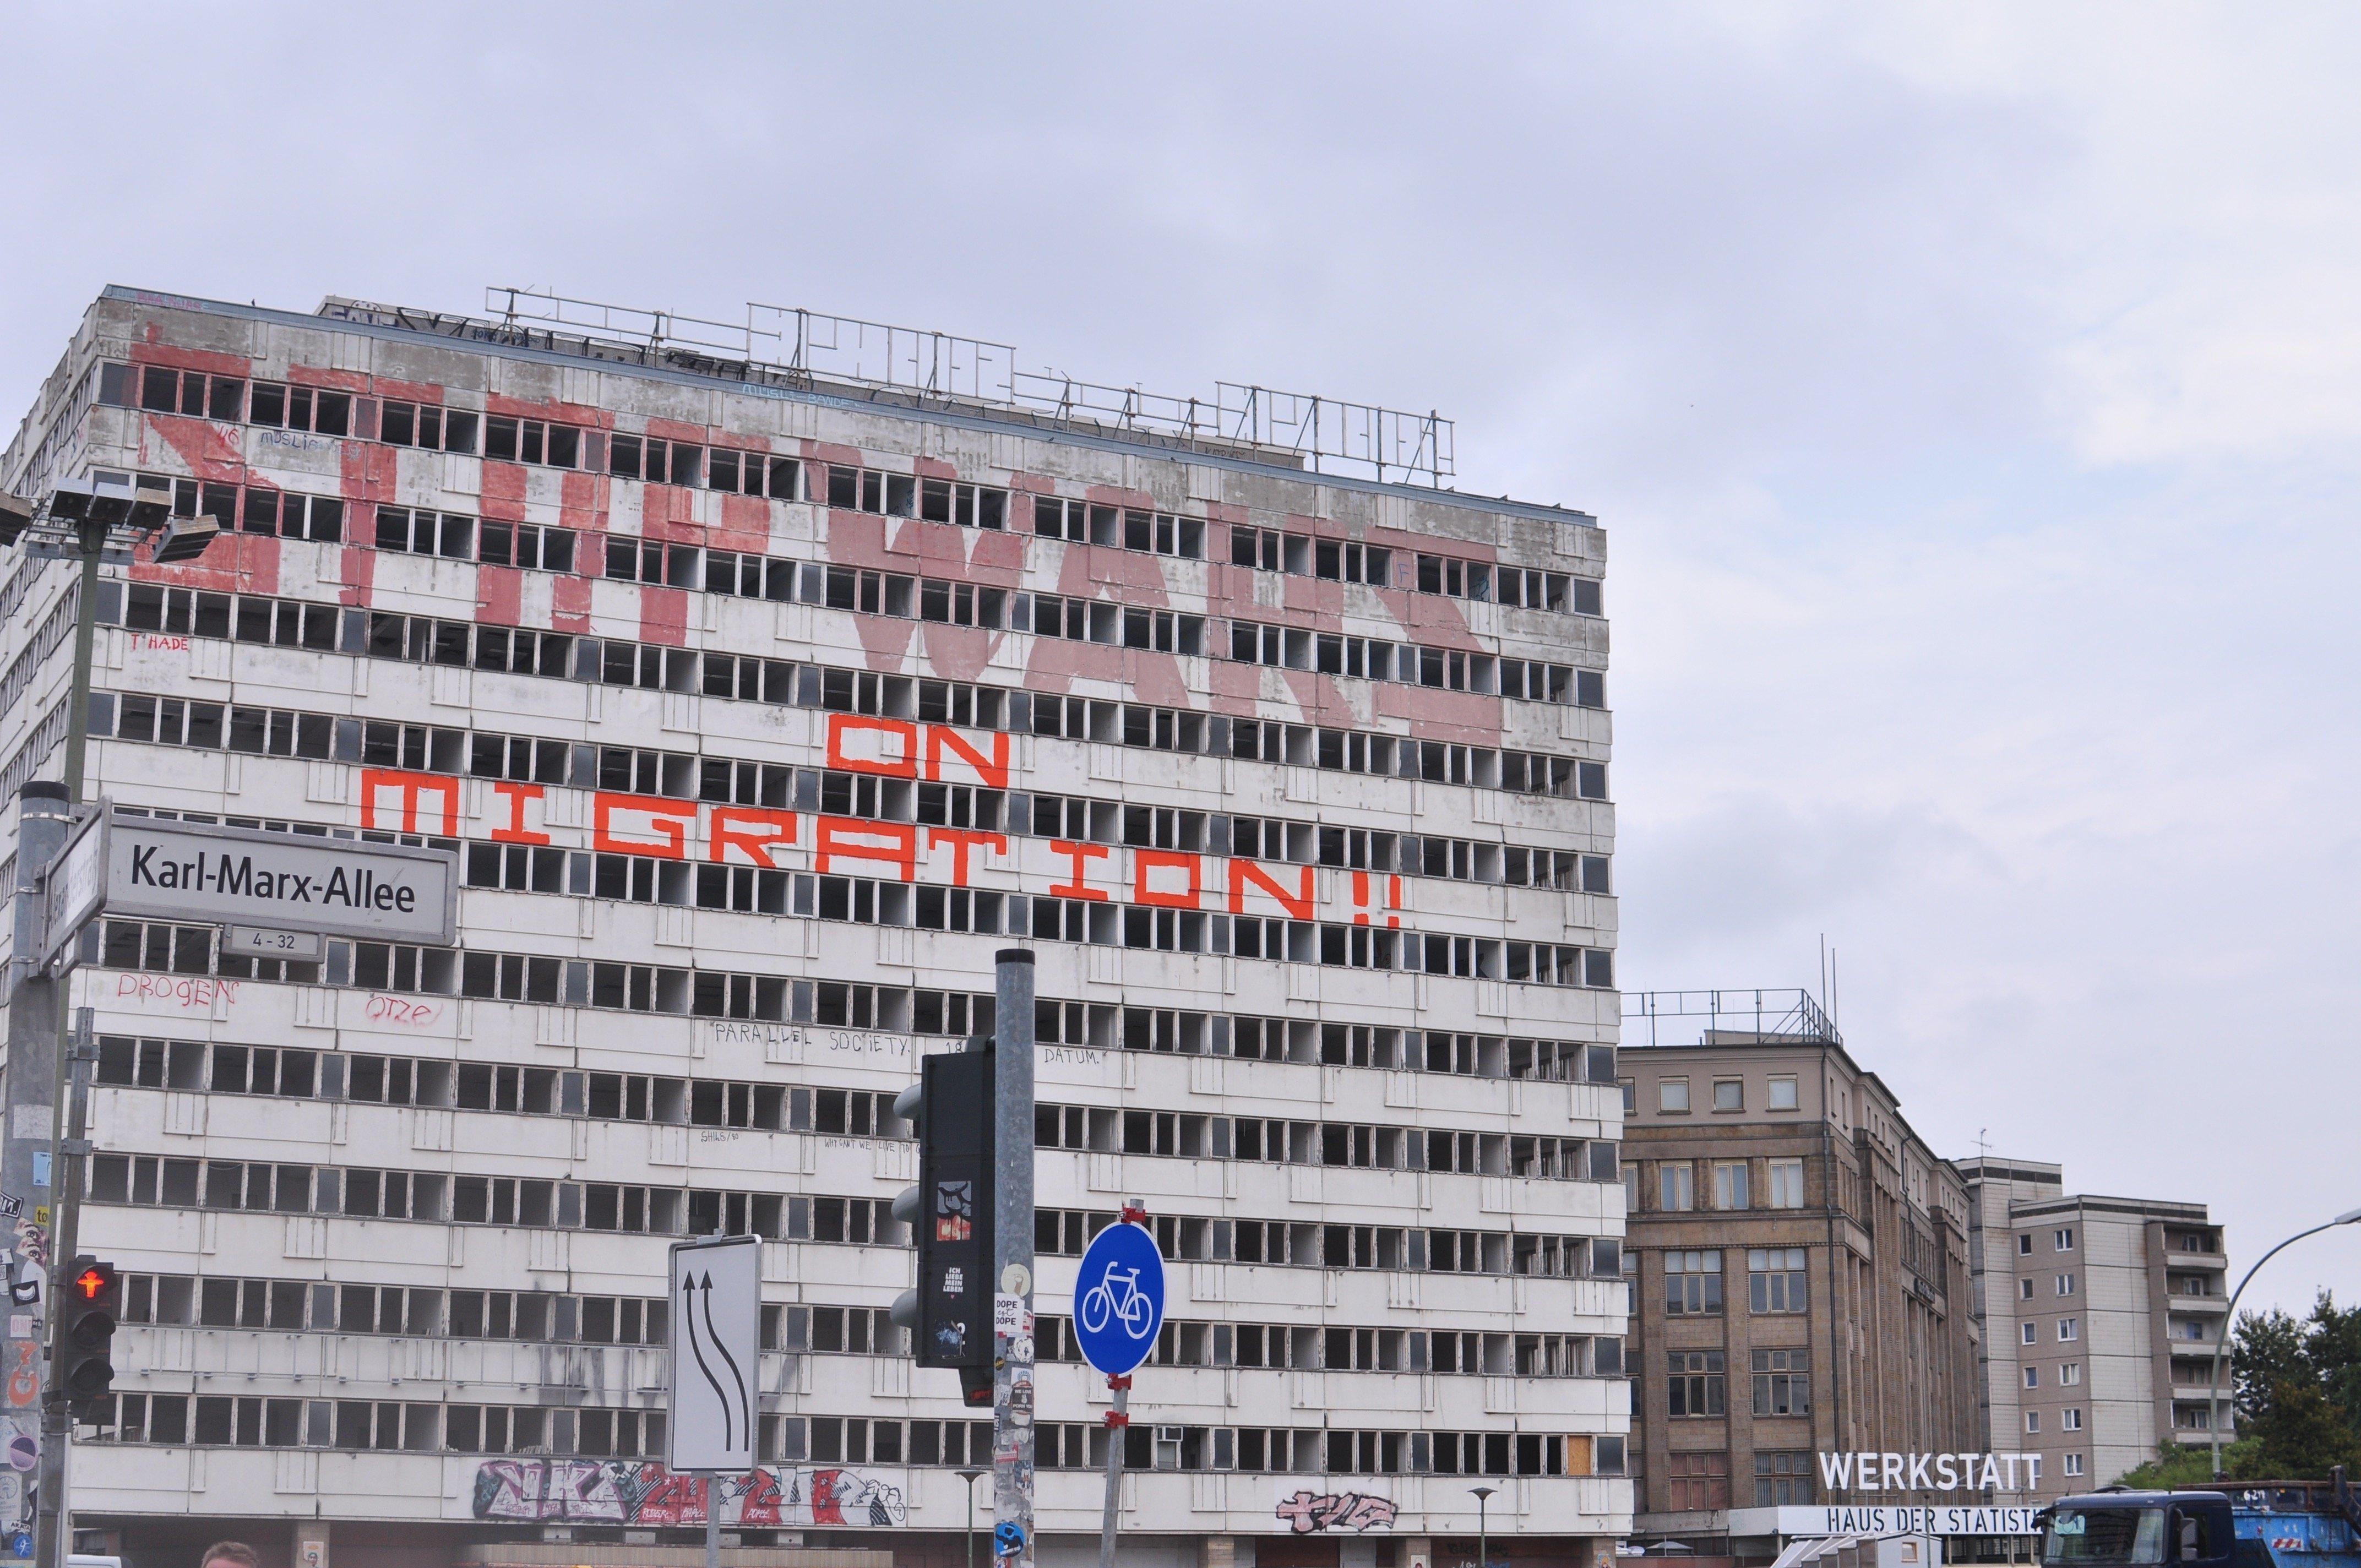 연방정부 통계청 건물로 사용됐던 '하우스 데어 슈타티스티크'는 2008년부터 지금까지 빈 건물로